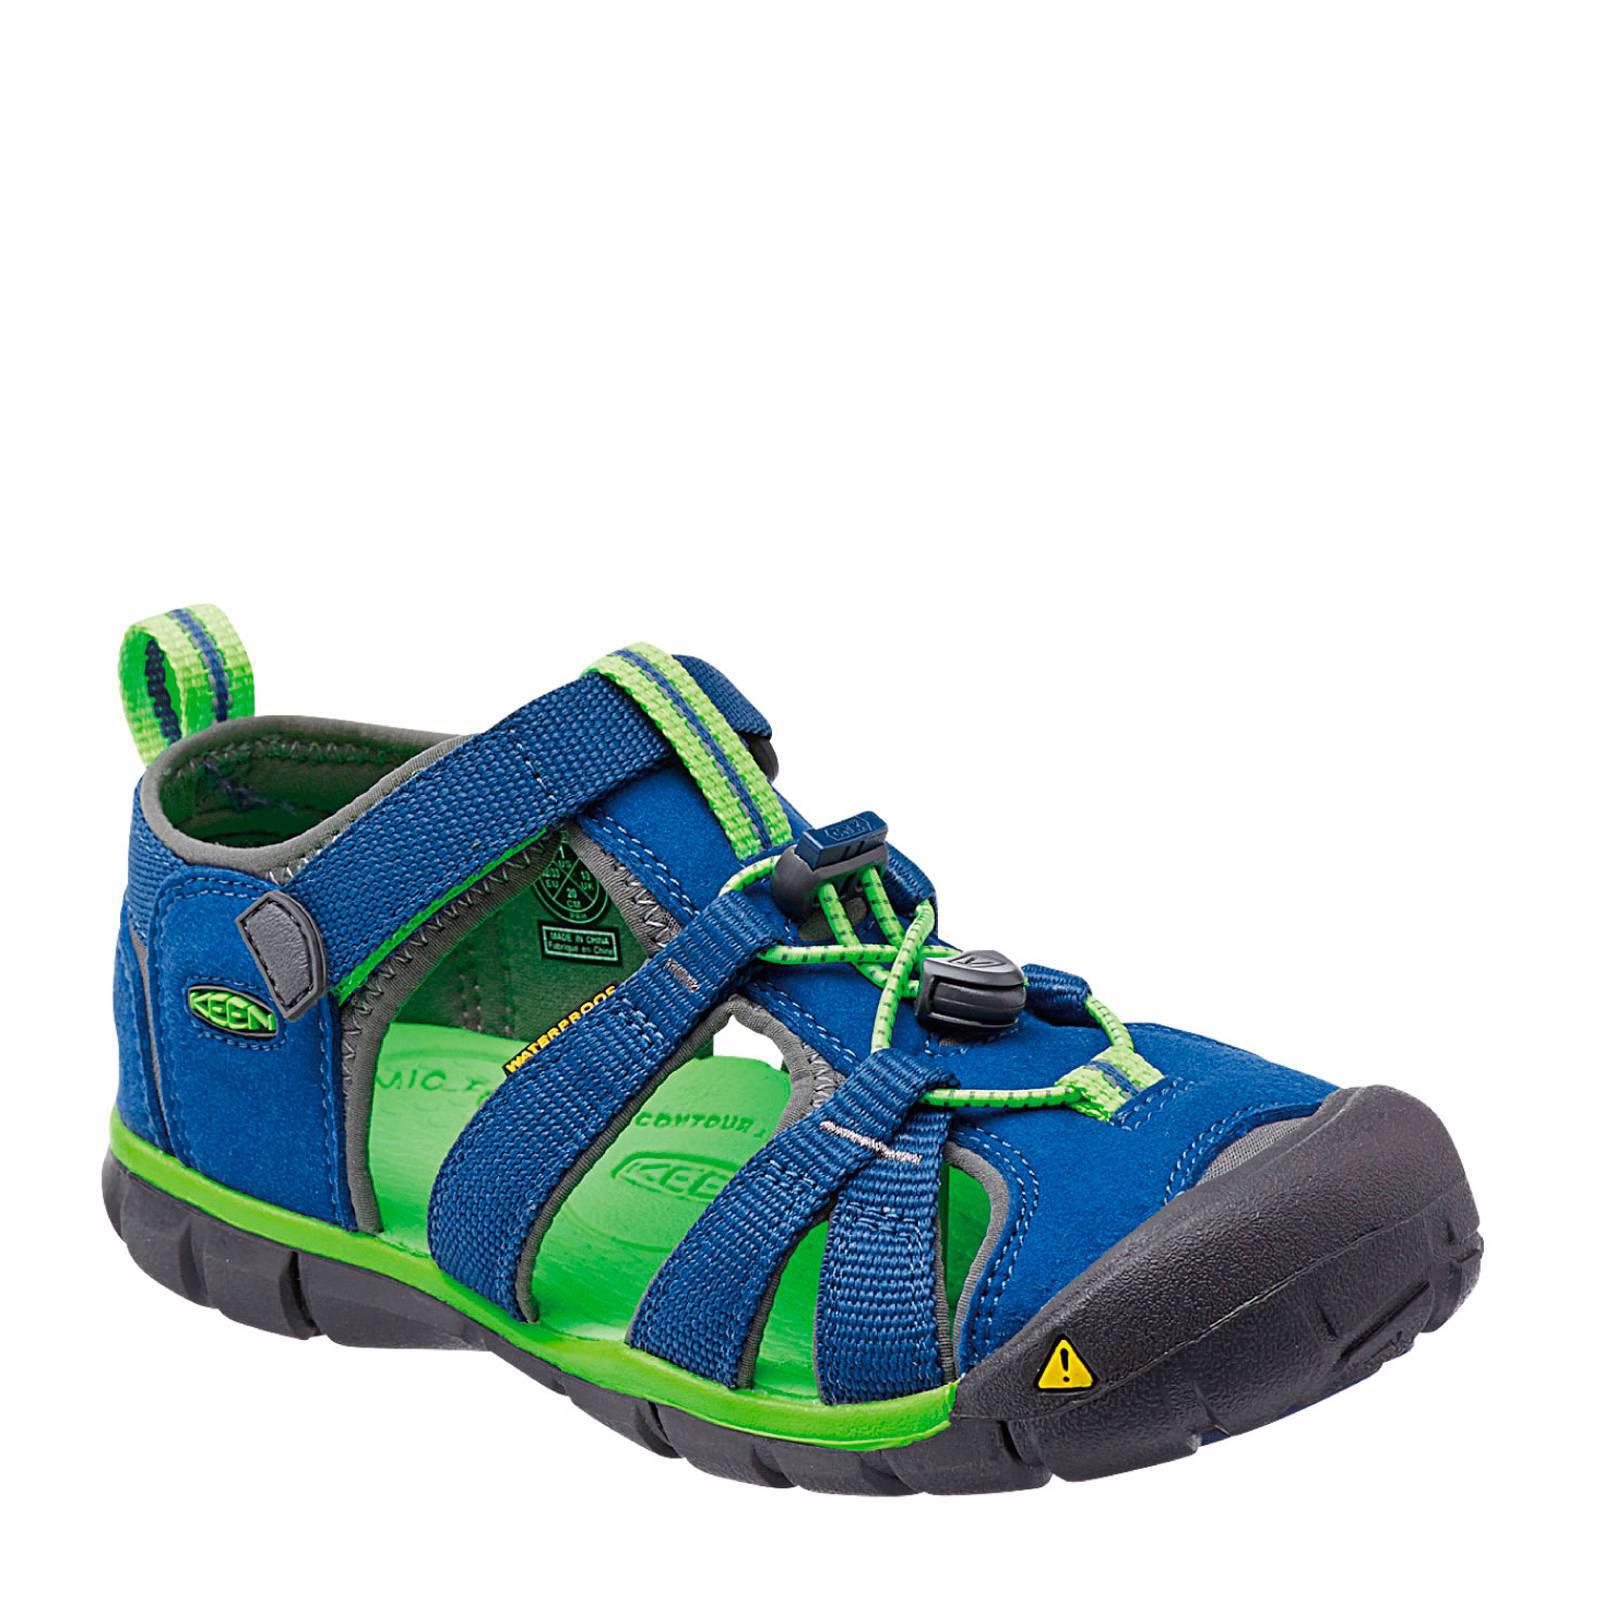 jongensschoenen zonder veters bij wehkamp Gratis bezorging